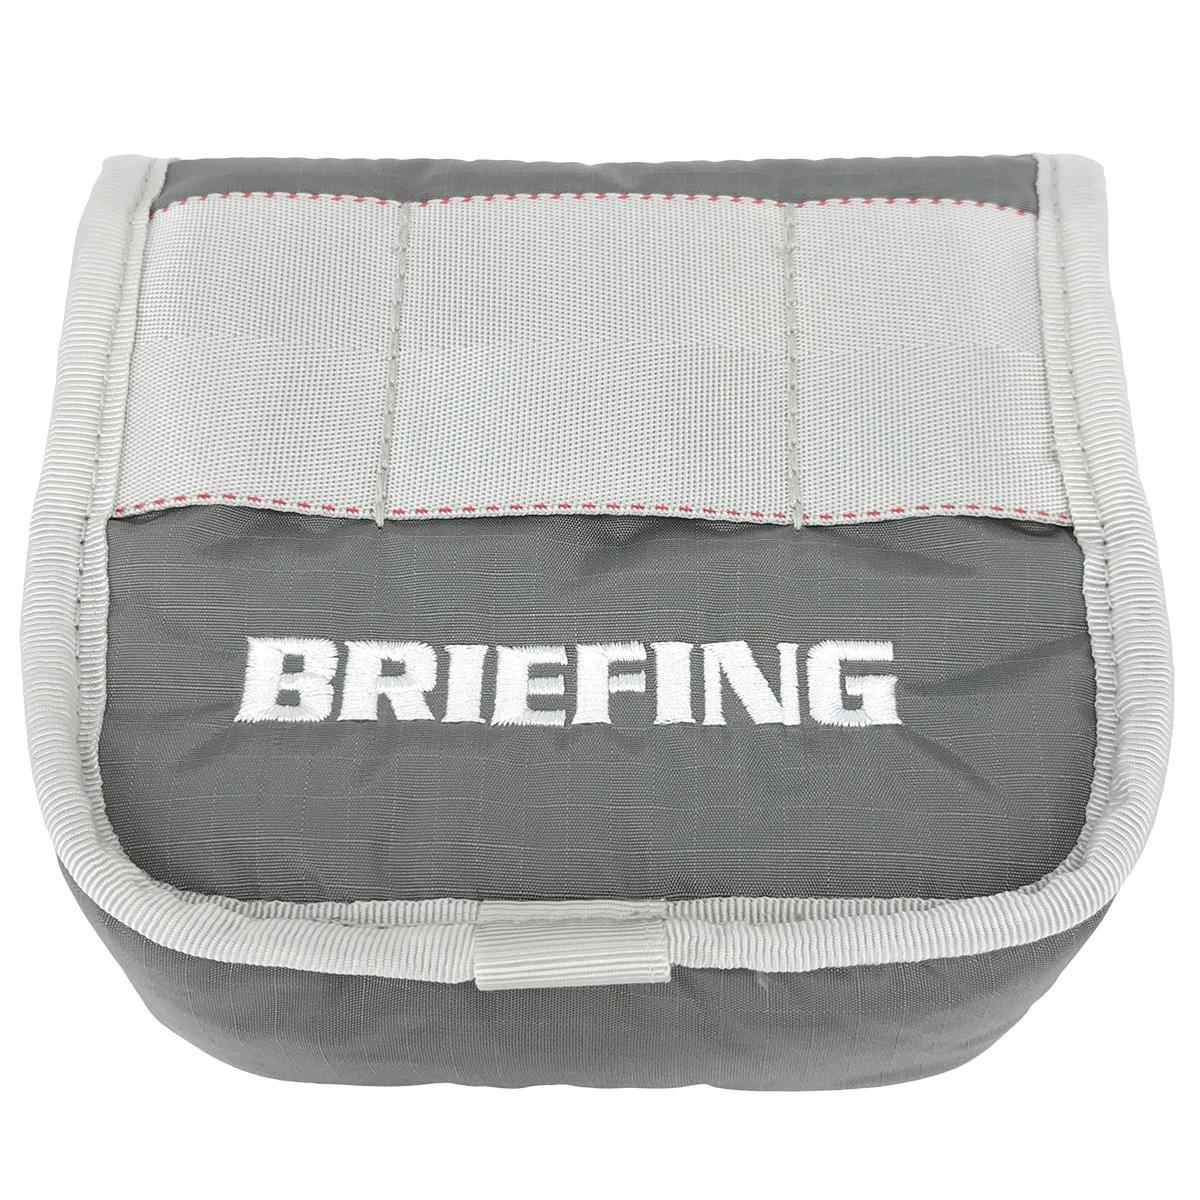 ブリーフィング BRIEFING パターカバー ライトグレー